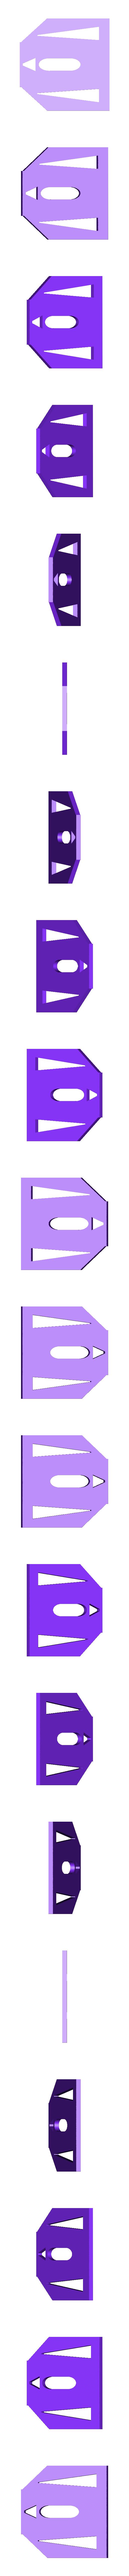 cam_mount_tpu_antislide.0023_slicr.stl Télécharger fichier STL gratuit Support pour trépied de caméra de bureau pour bicyclette • Plan à imprimer en 3D, noctaro